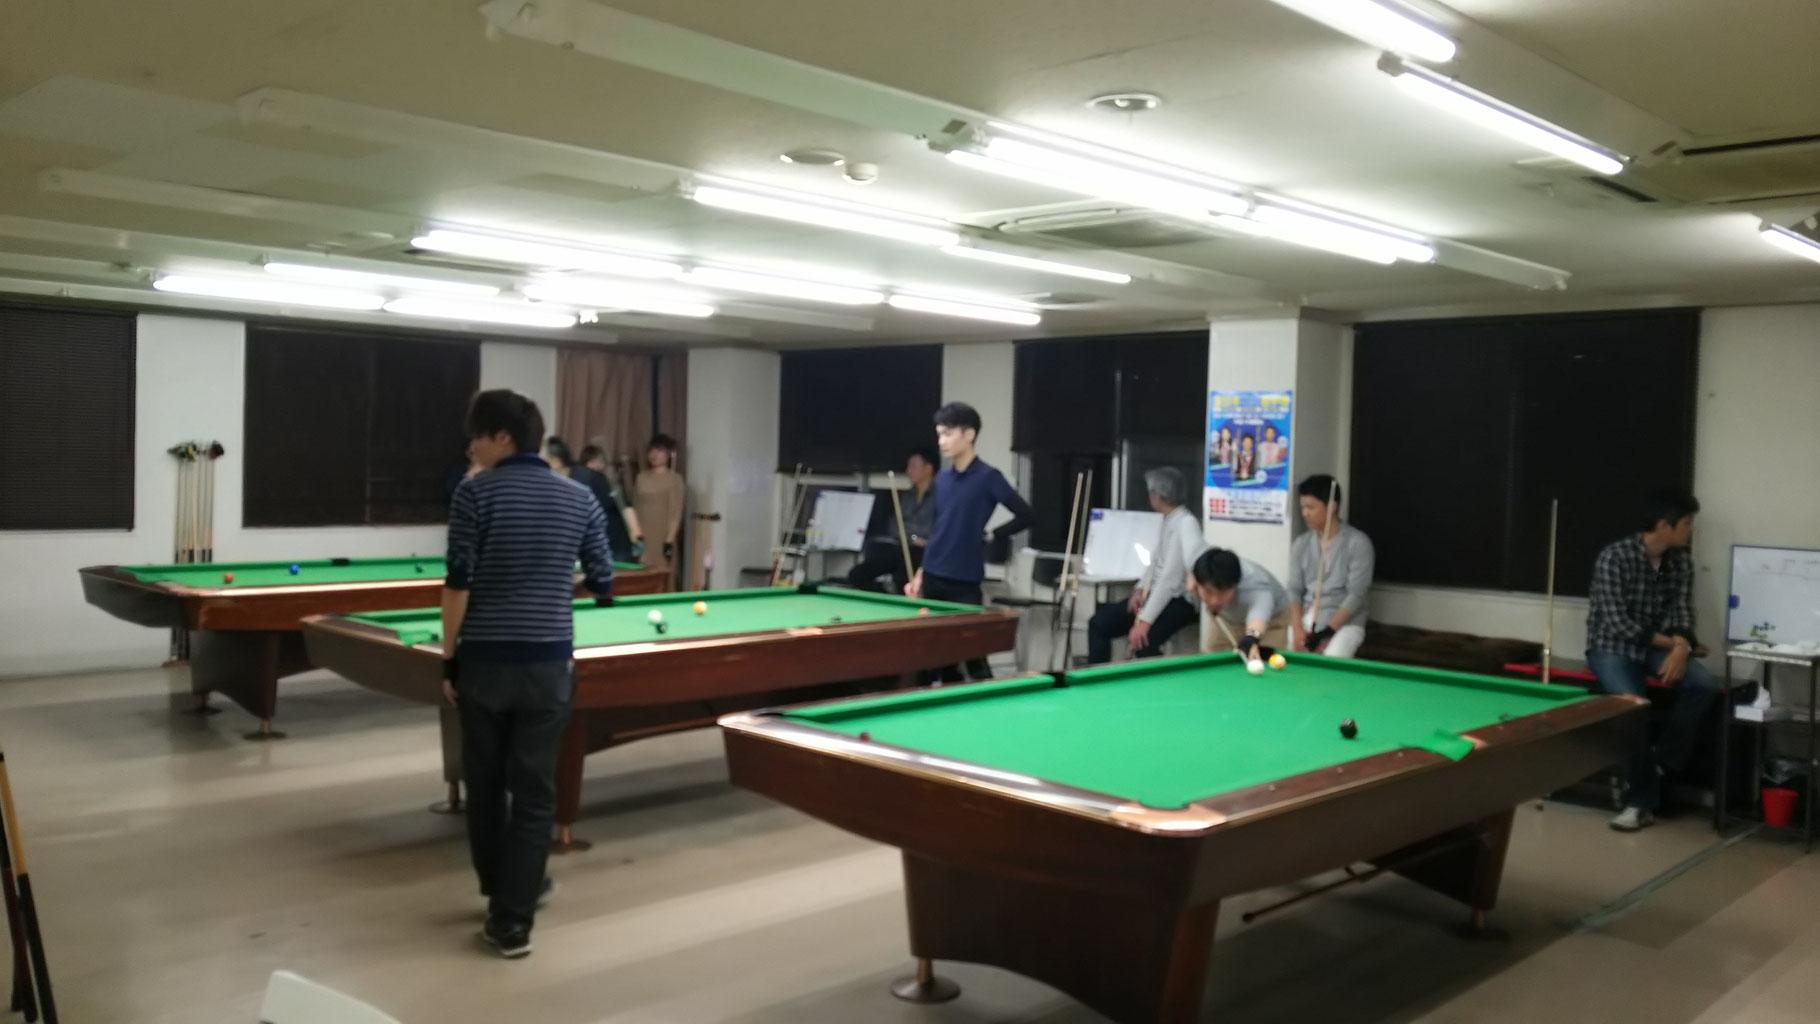 予選ジャパン9ボールの風景です。4人対戦のジャパンになりました。